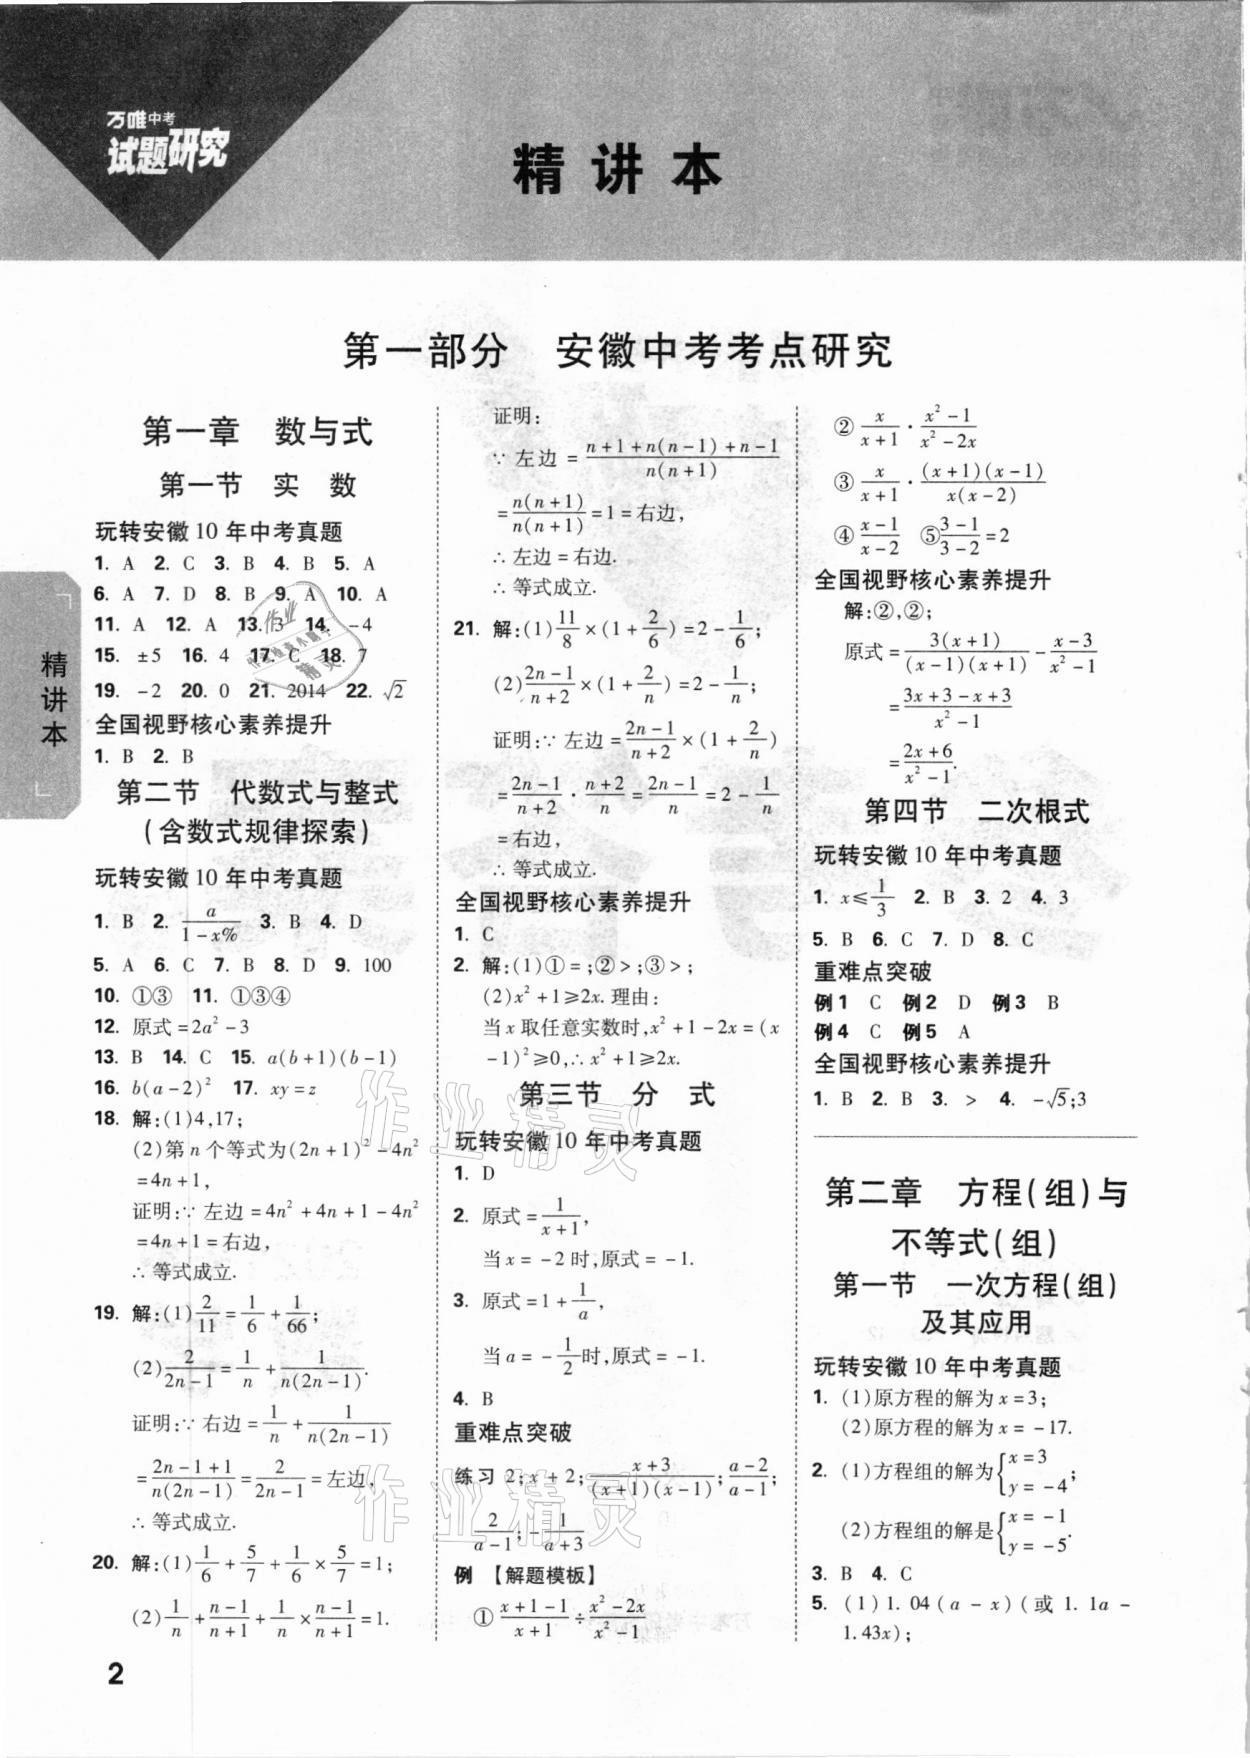 2021年万唯中考试题研究数学安徽专版参考答案第1页